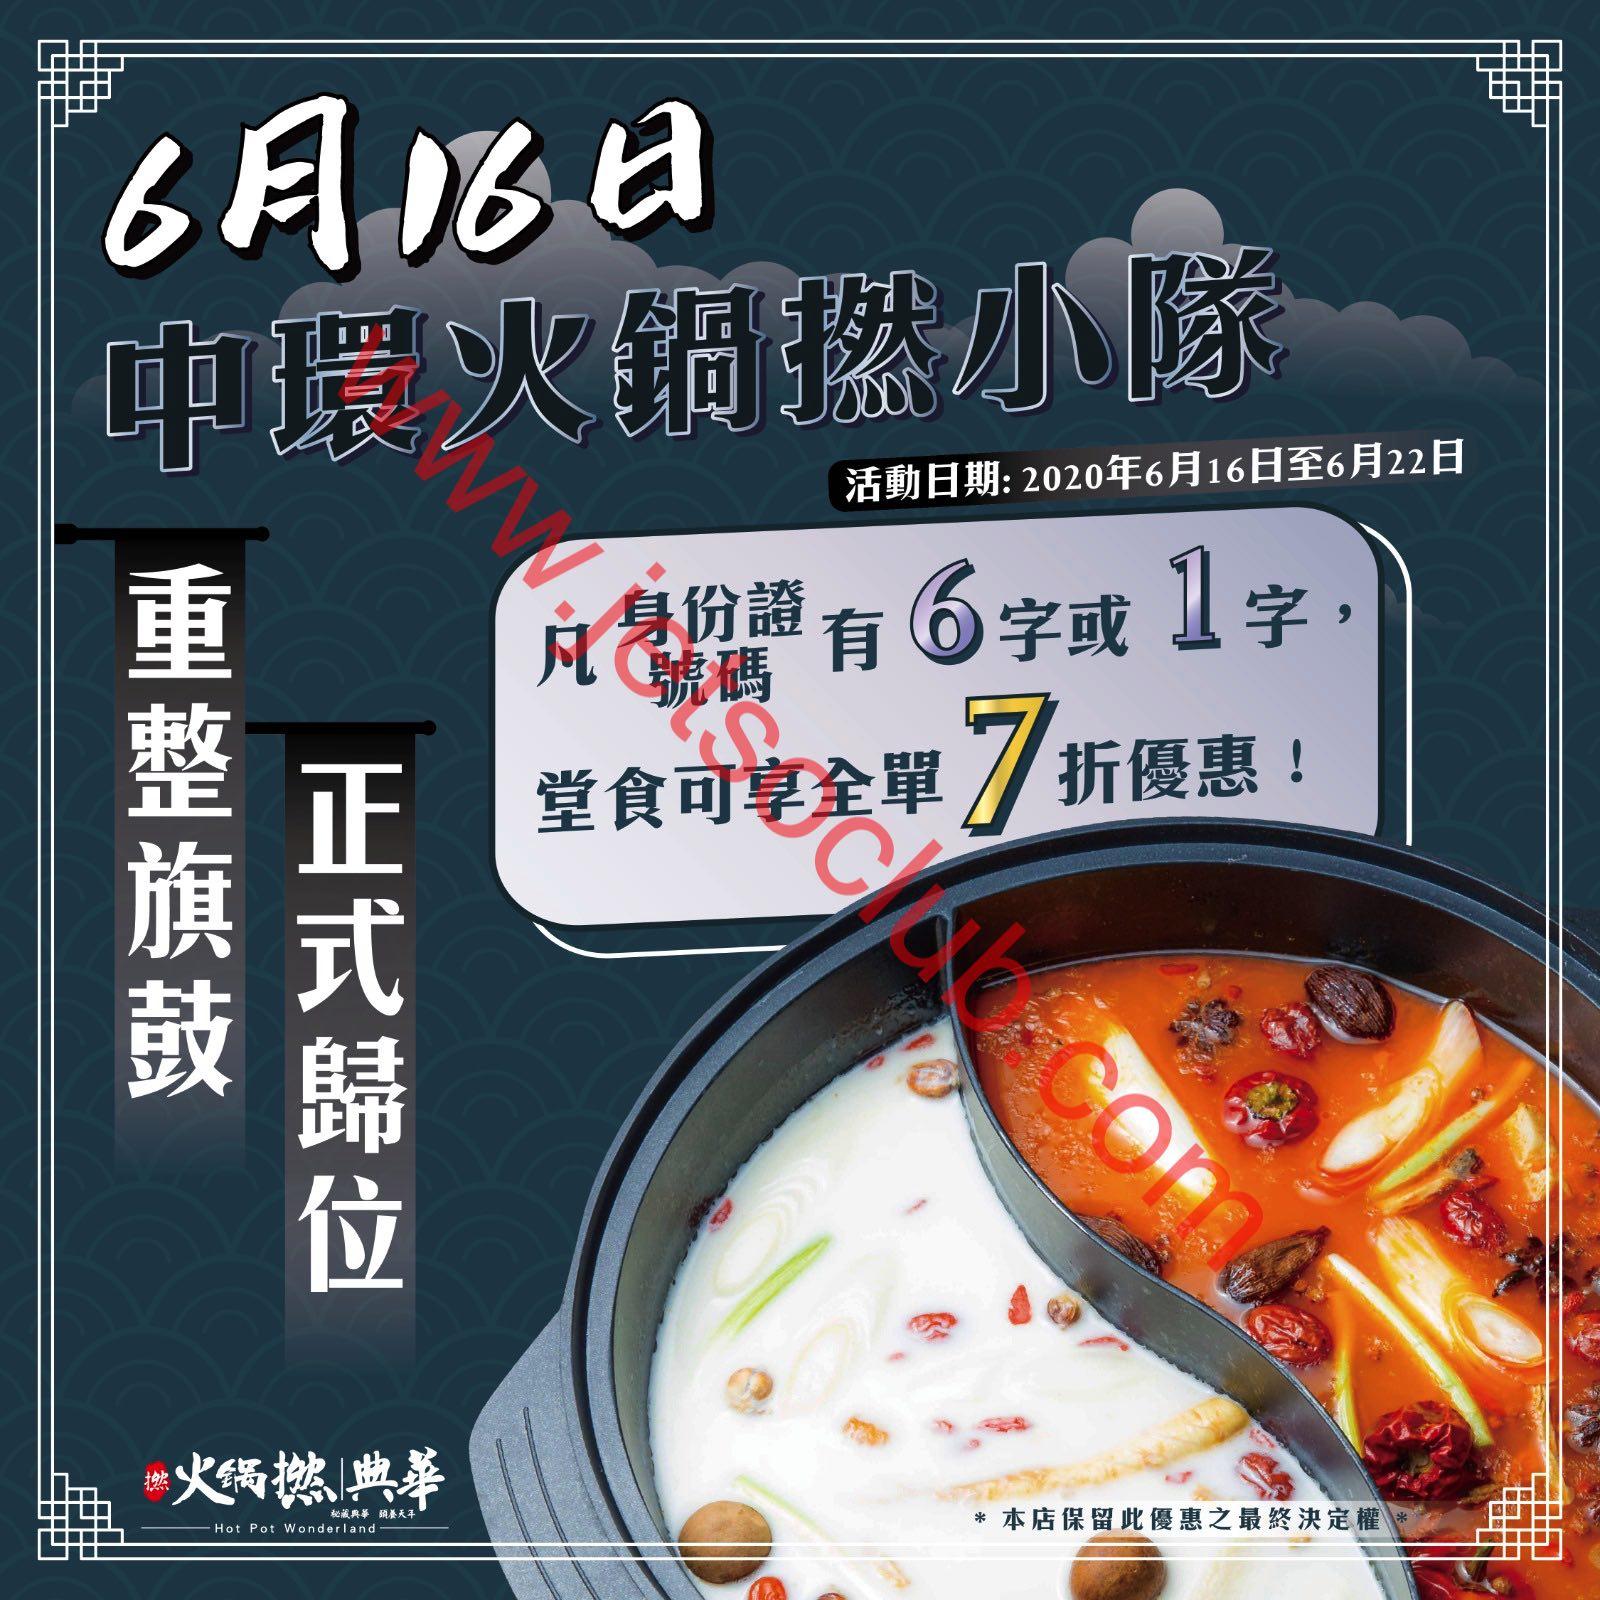 火鍋撚:中環店 指定身份證號碼 全單7折(至22/6) ( Jetso Club 著數俱樂部 )